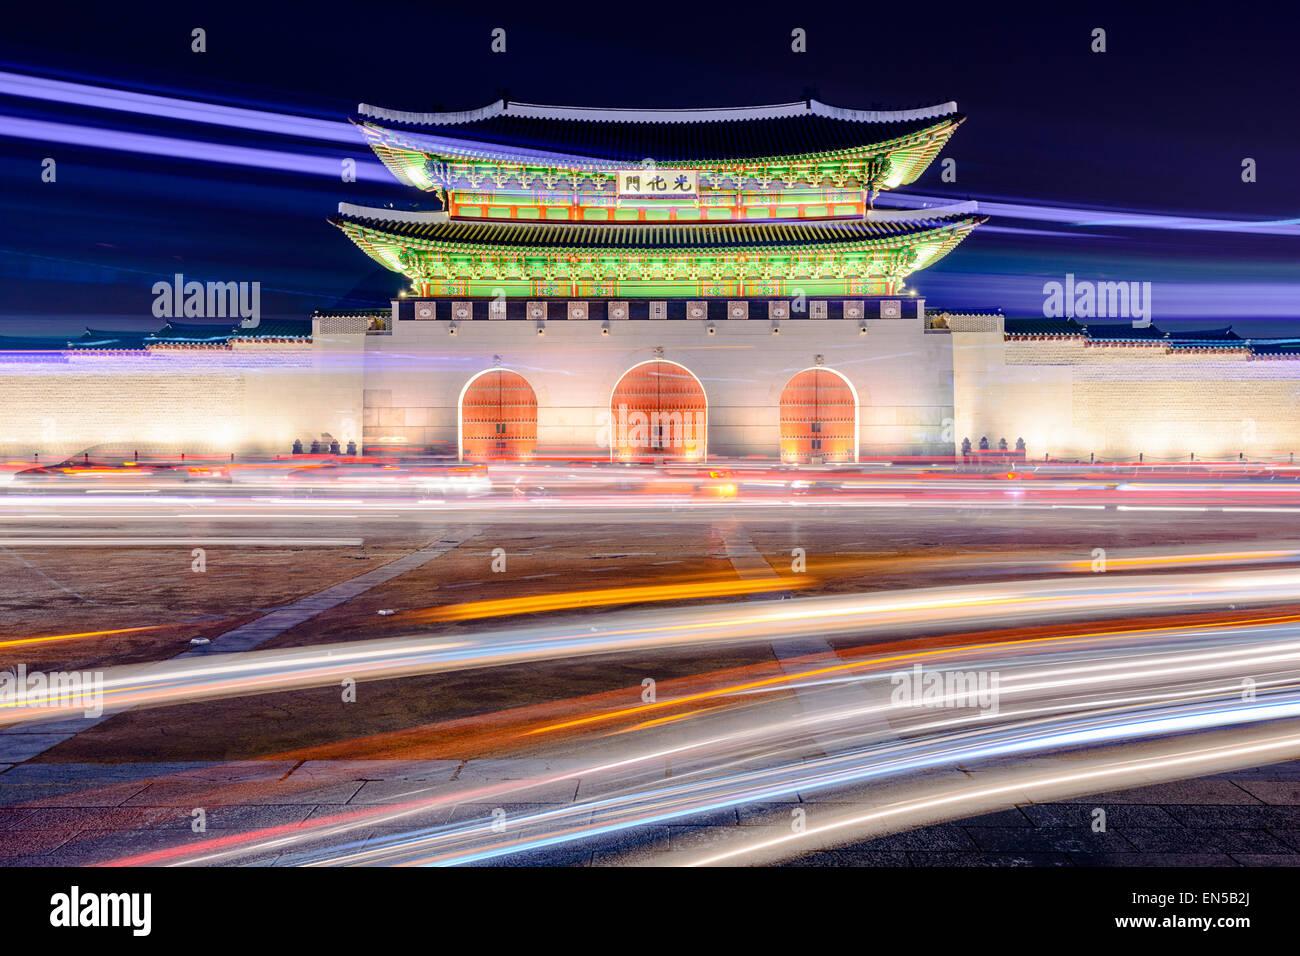 Porte Gwanghwamun à Gyeongbokgung Palace à Séoul, Corée du Sud, avec des sentiers de lumière Photo Stock